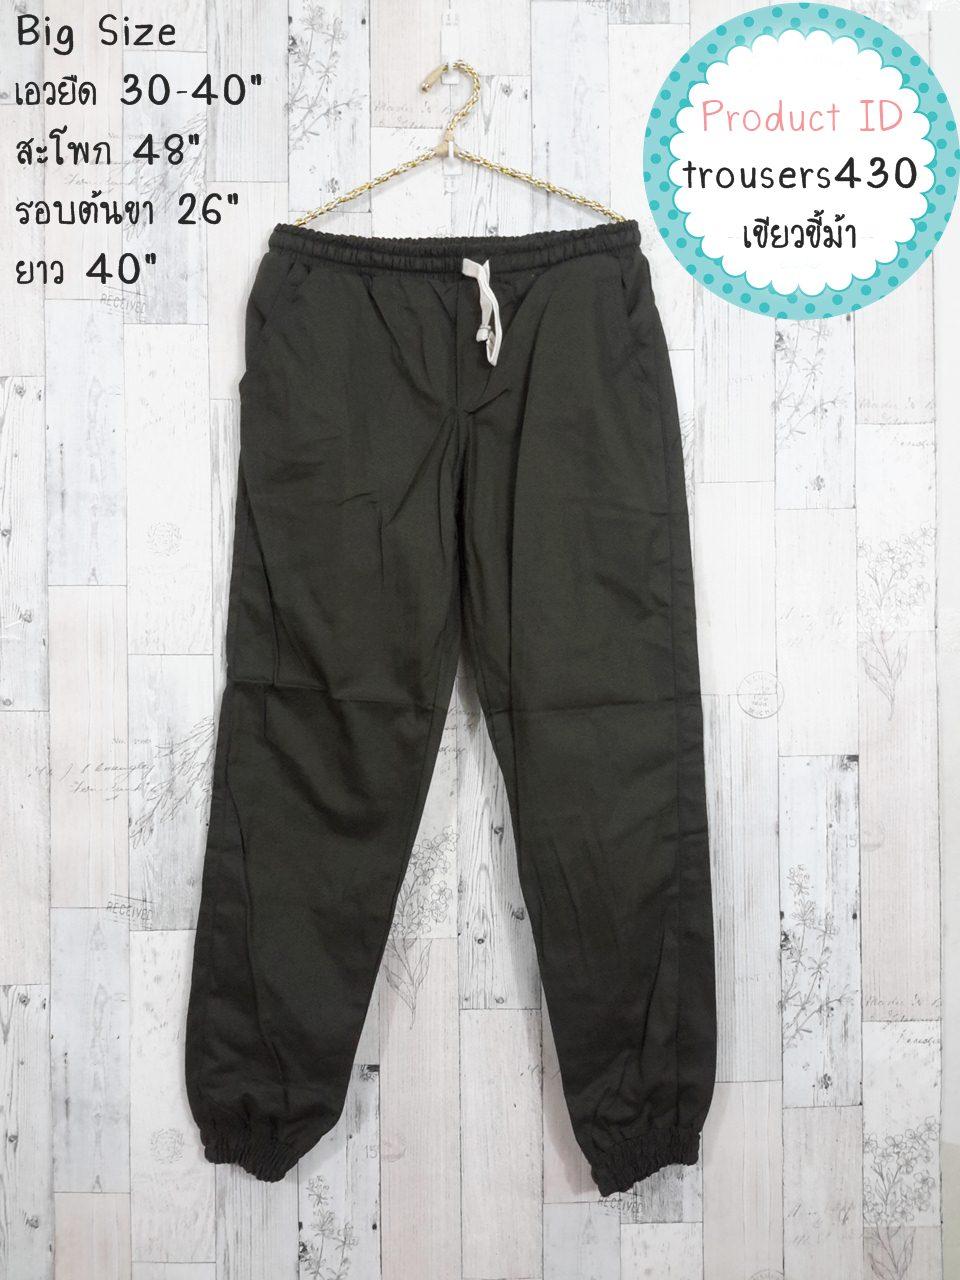 Trousers430 Big Size Joggers กางเกงขายาวไซส์ใหญ่ปลายขาจัมพ์ เอวยืด กระเป๋าข้าง ผ้ายีนส์เนื้อดีสีพื้นเขียวขี้ม้า (ใส่ได้ทั้งชายและหญิง)